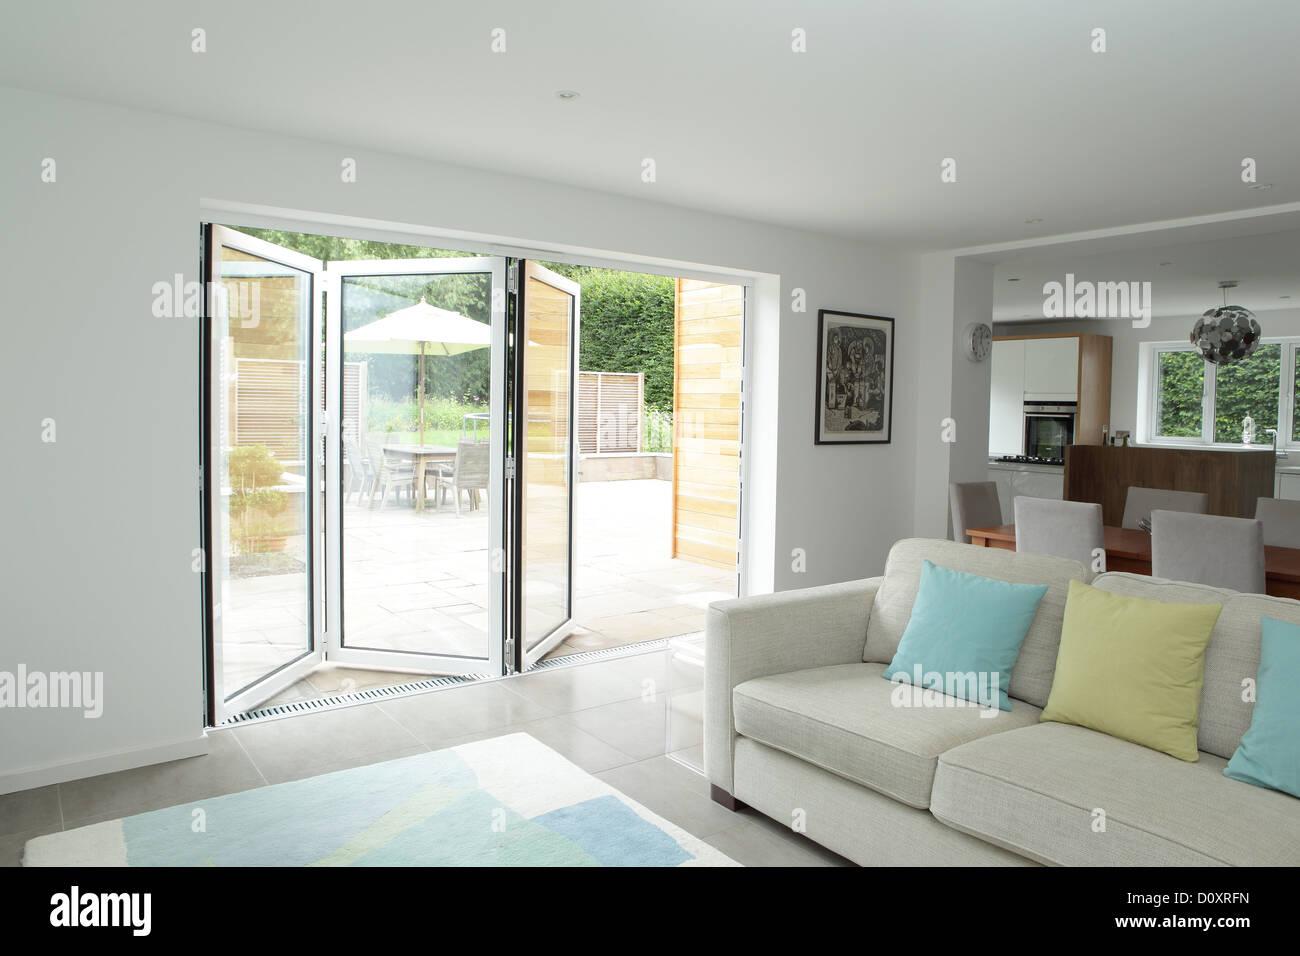 Open Plan Living Area With Open Patio Doors